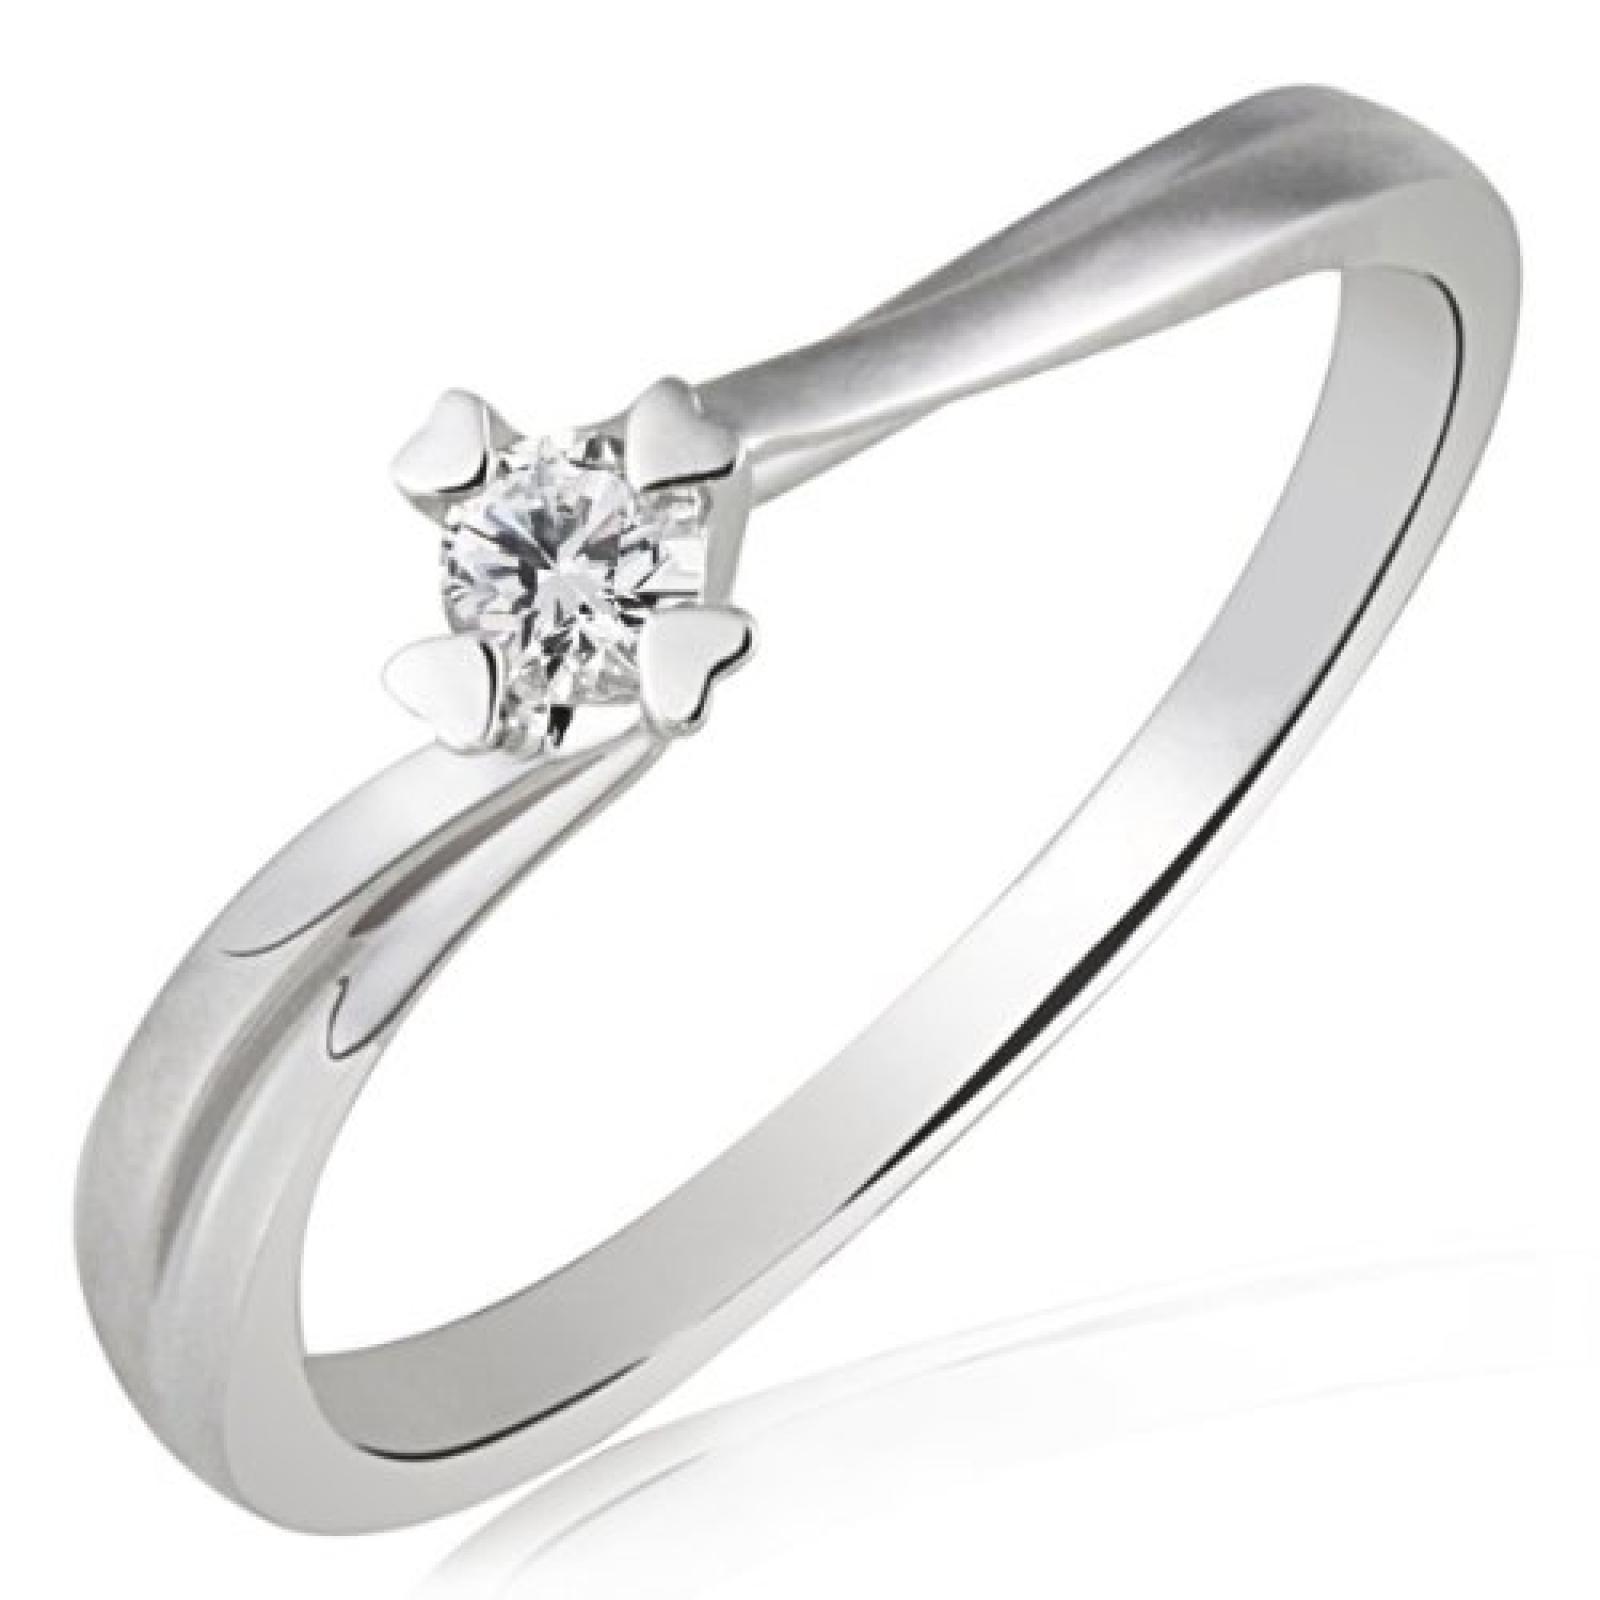 Goldmaid Damen-Verlobungsring 585 Weissgold 1 Brillant 0,10ct So R4682WG